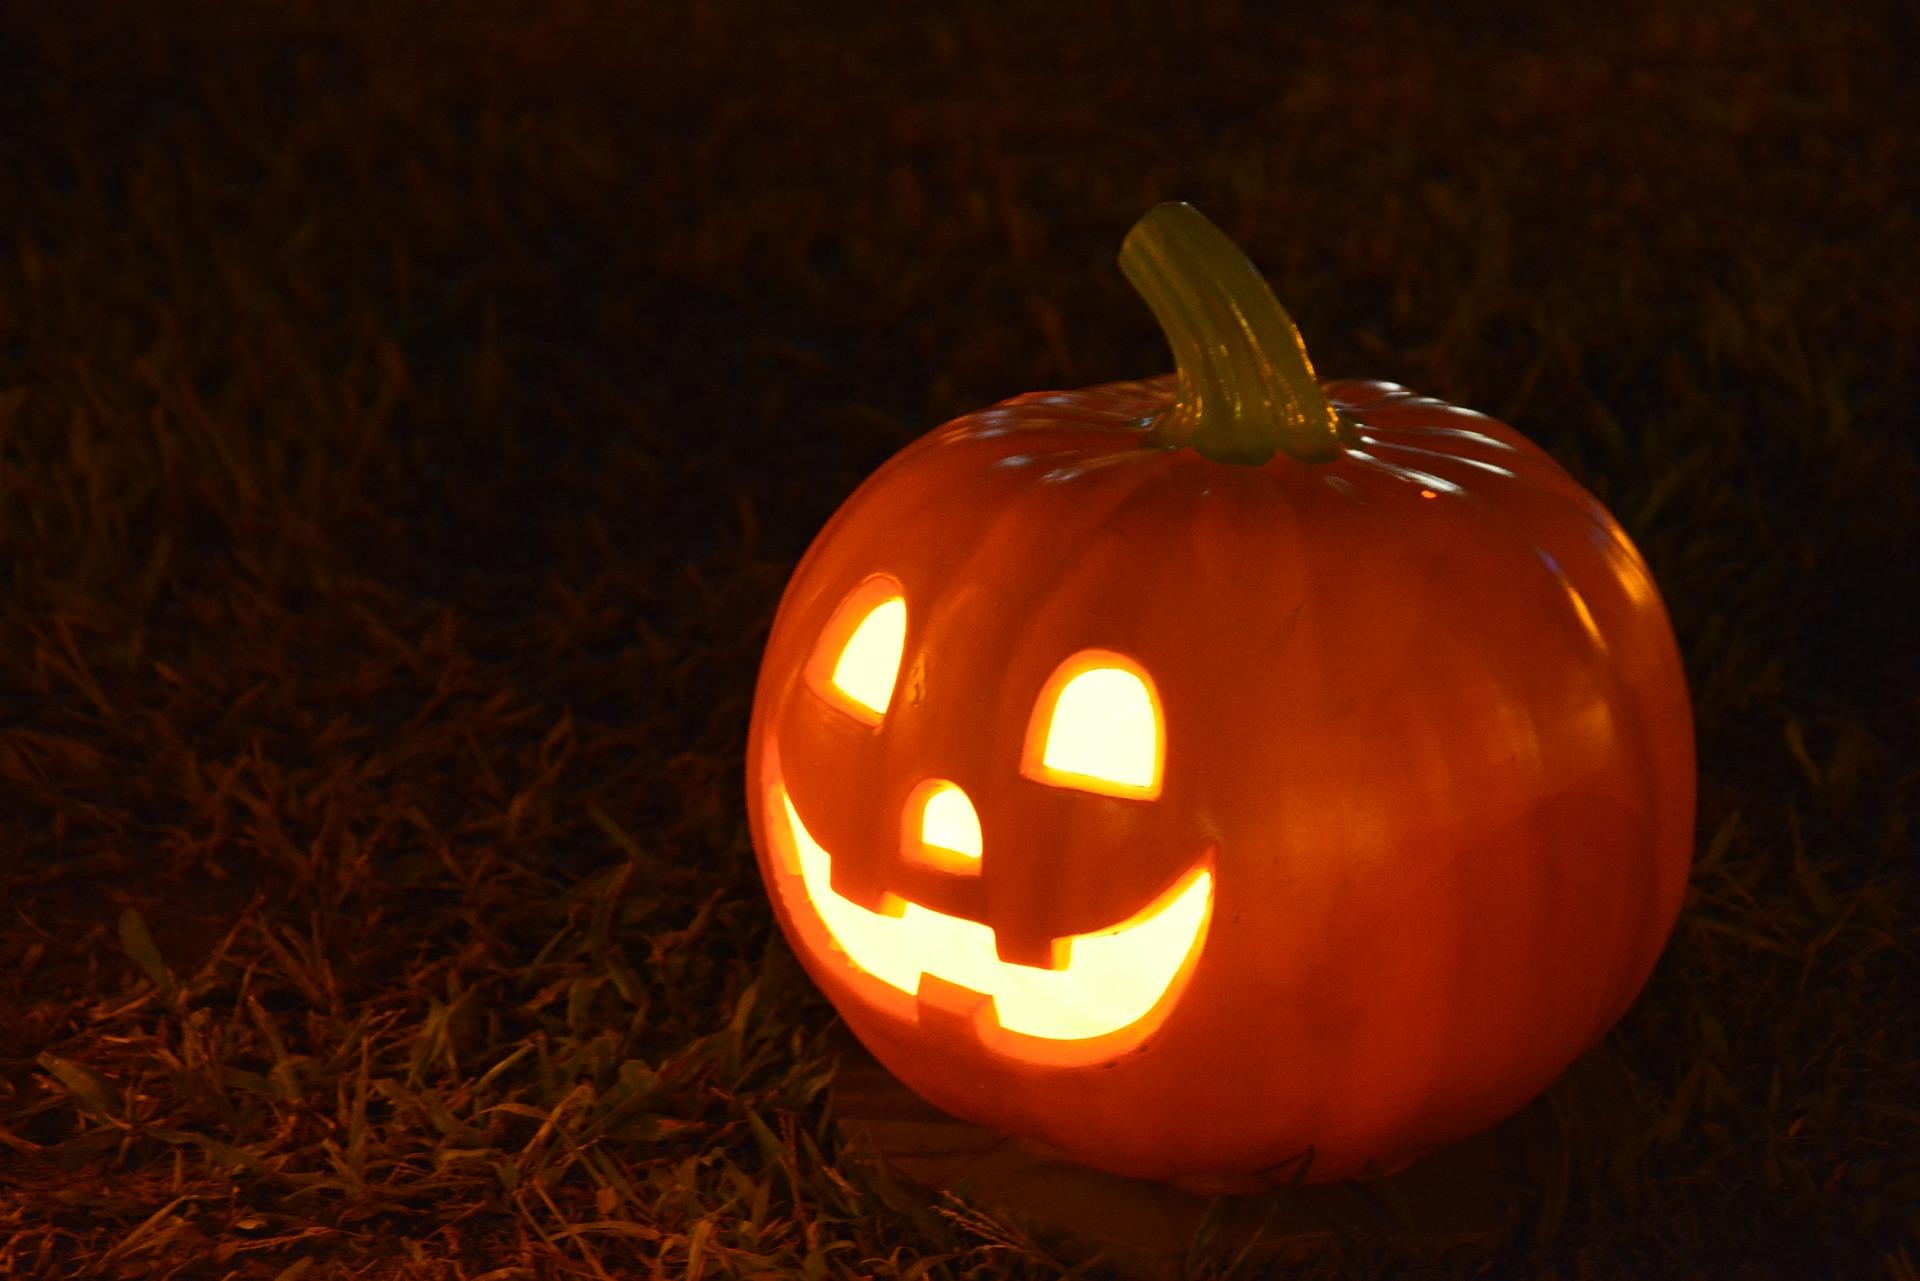 pumpkin-1544602_1920